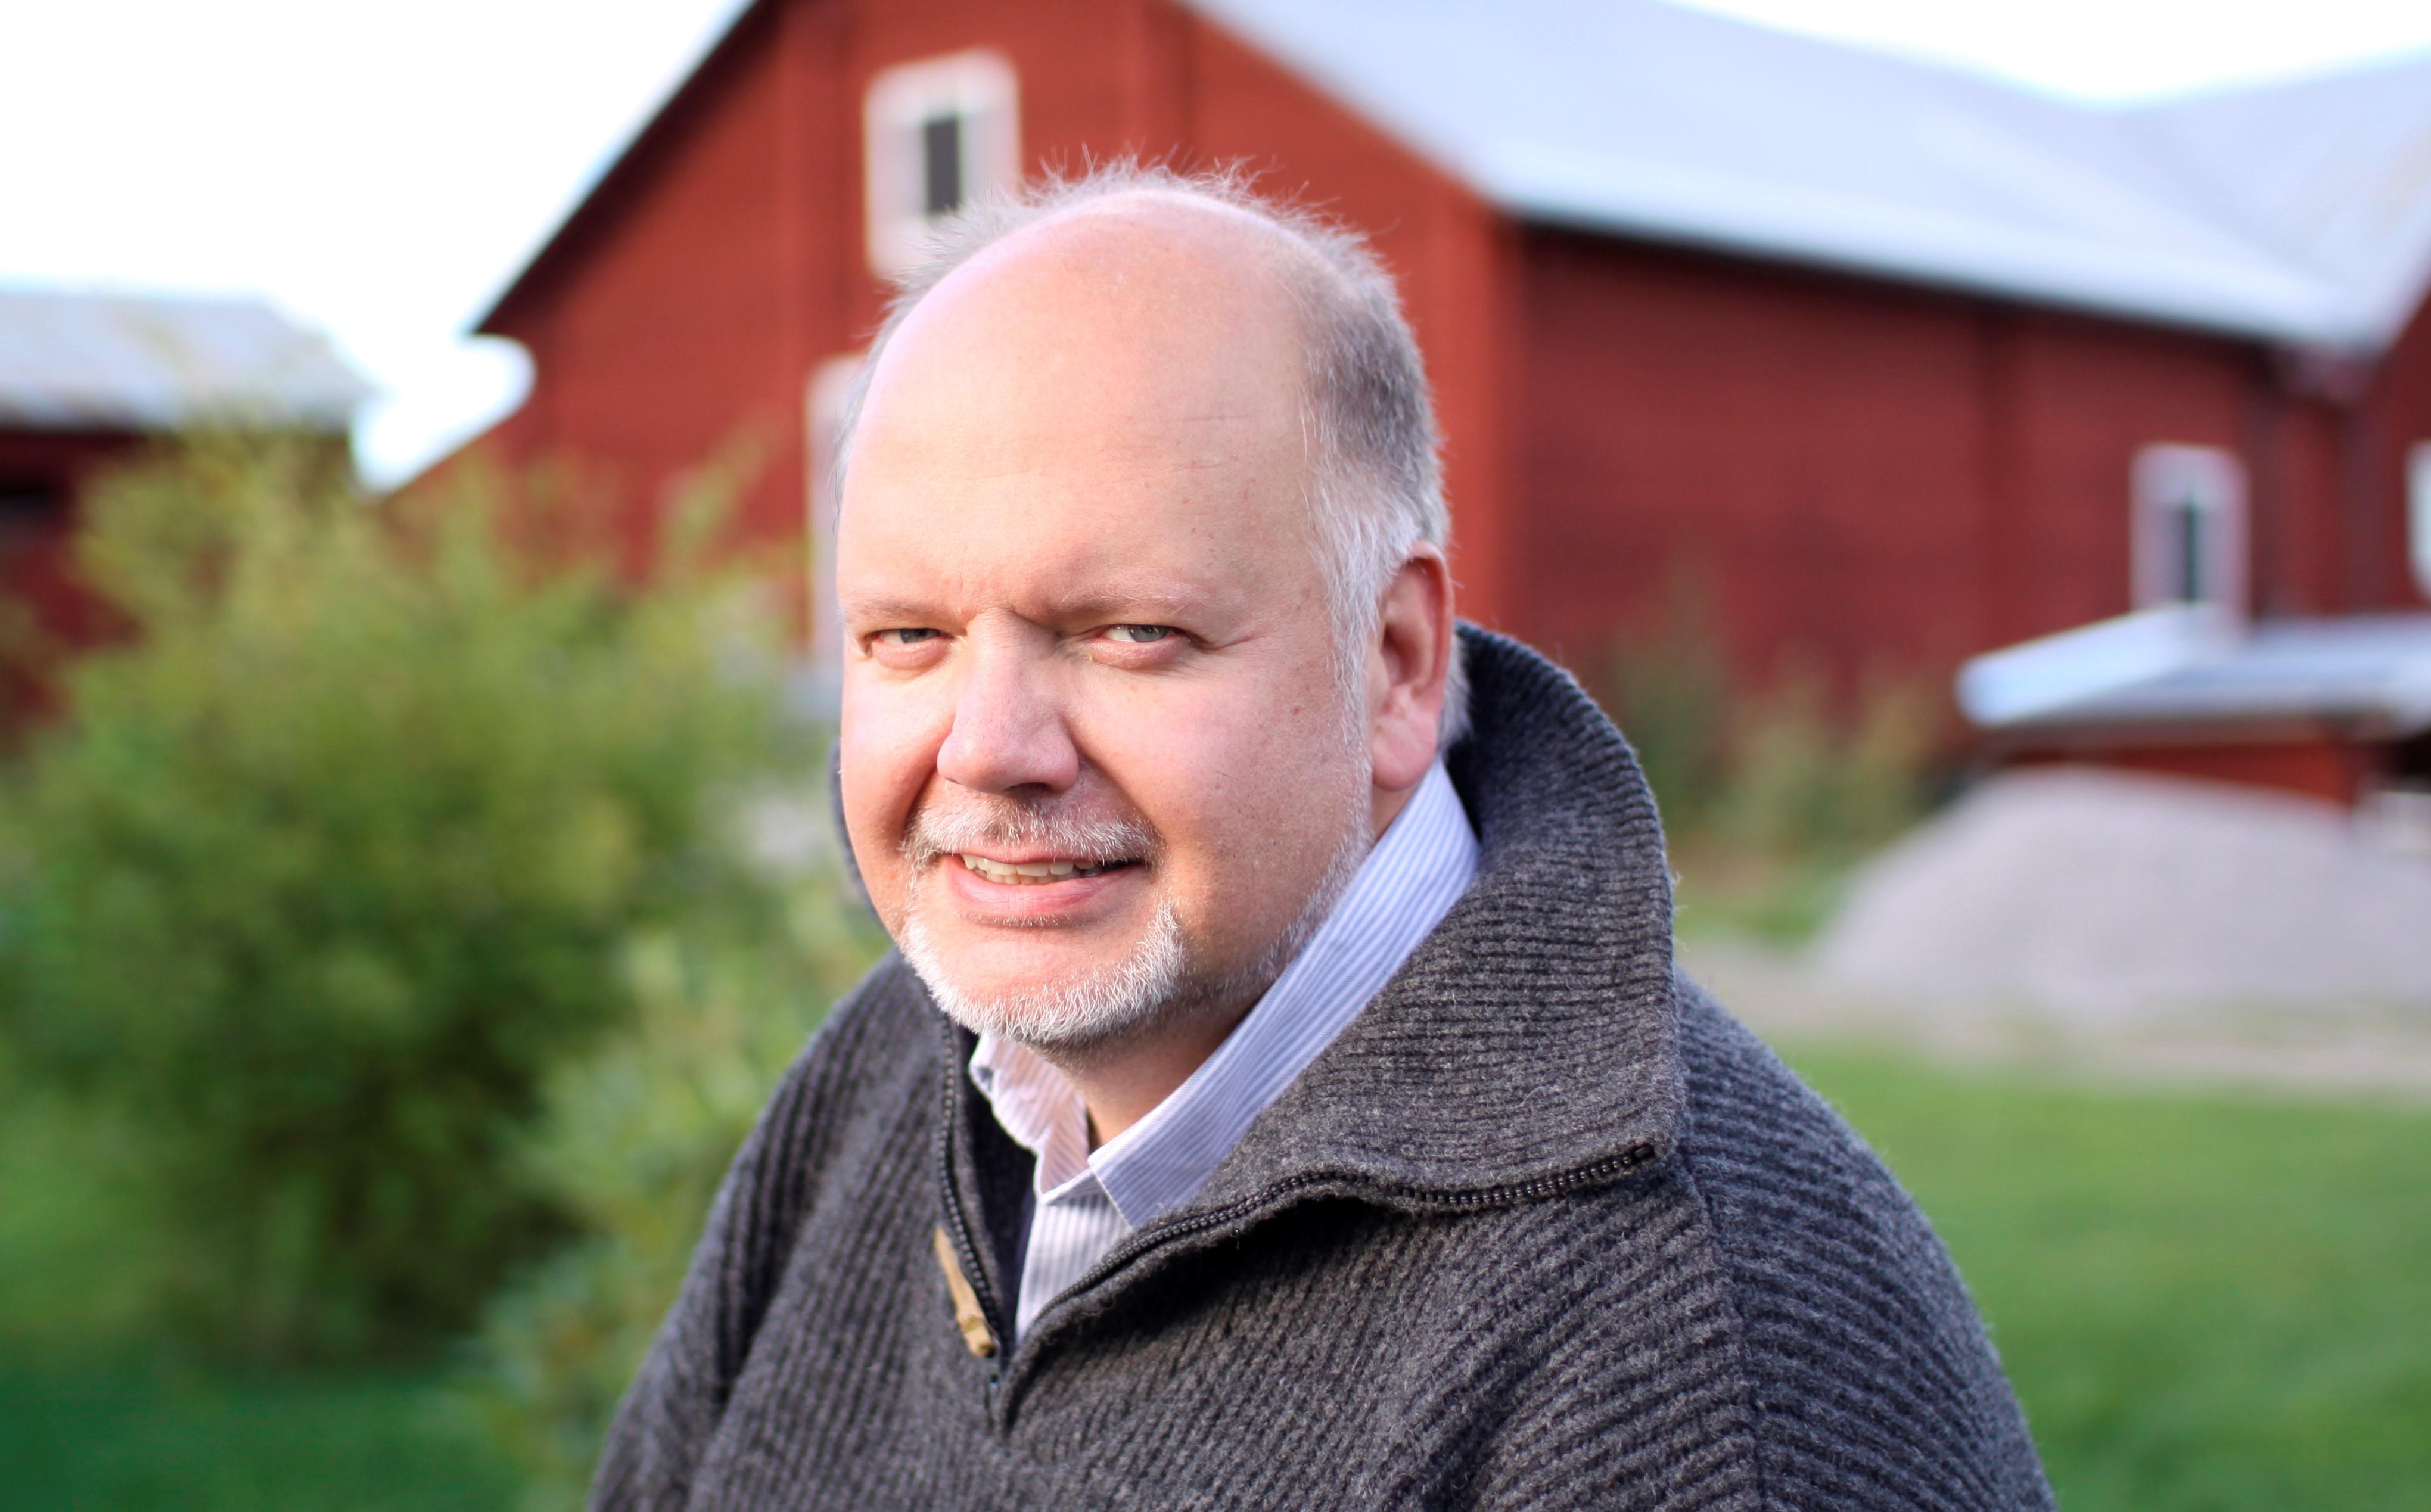 Anbud365: Langt til sirkulærøkonomi i Sverige, viser kartlegging av kommuners varekjøp